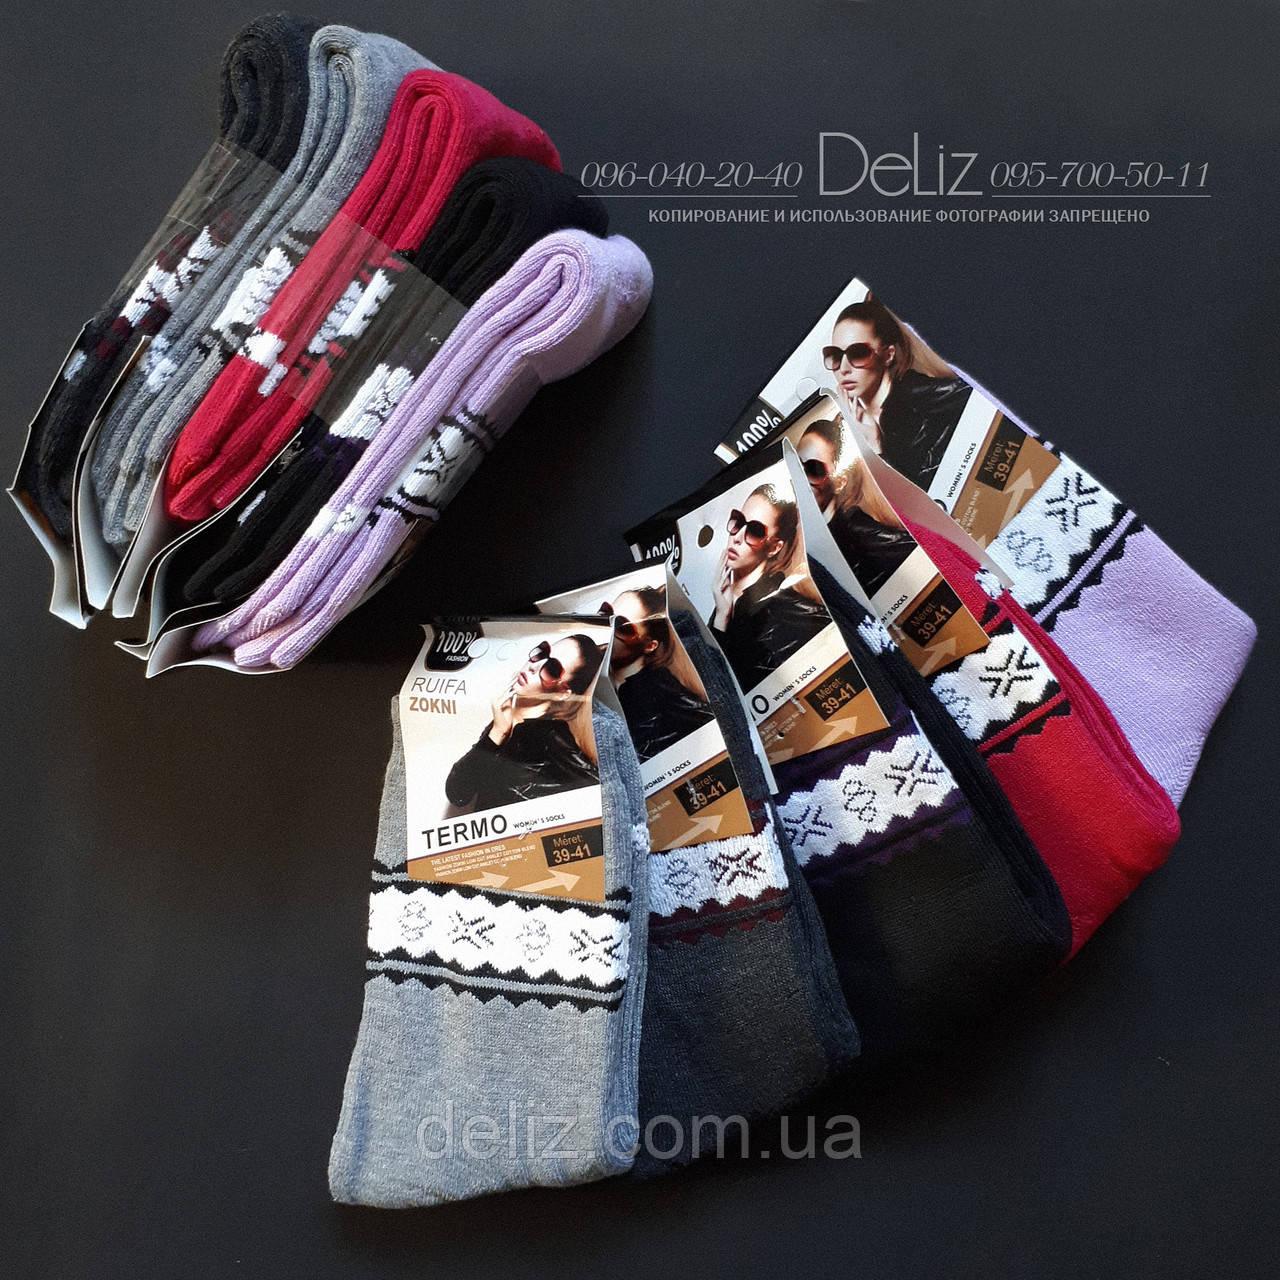 Теплі жіночі термо-шкарпетки Ruifa 682-1. Розмір 35-38